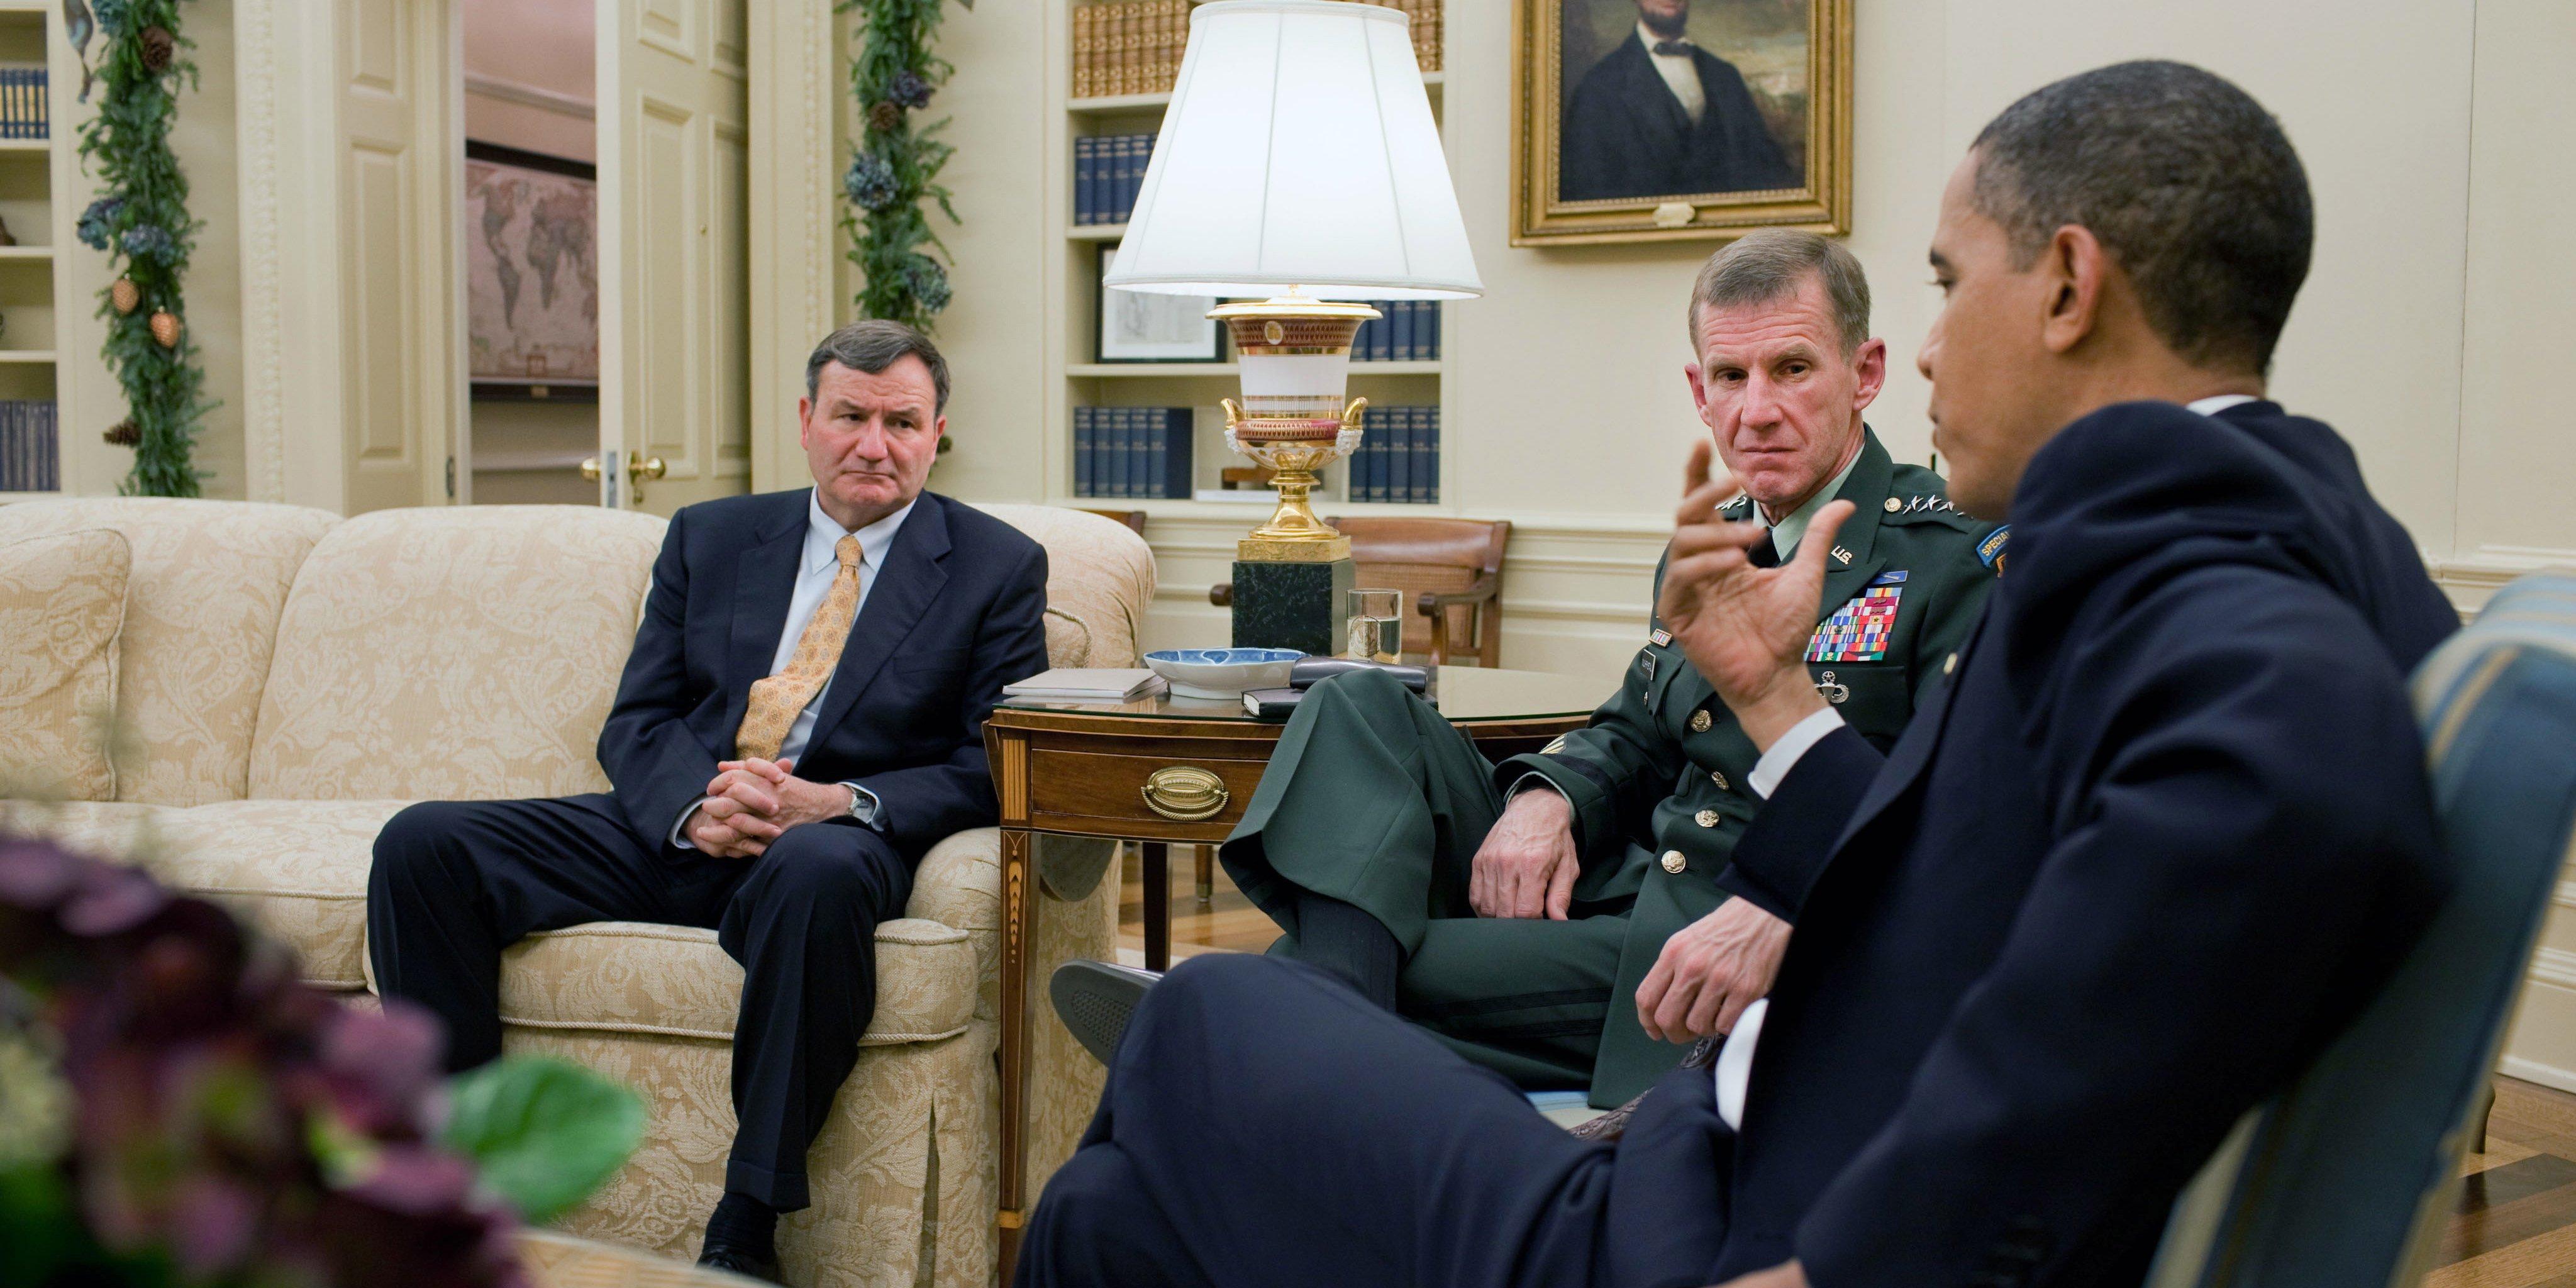 Barack Obama Ambassador Afghanistan Karl Eikenberry General Stanley McChrystal